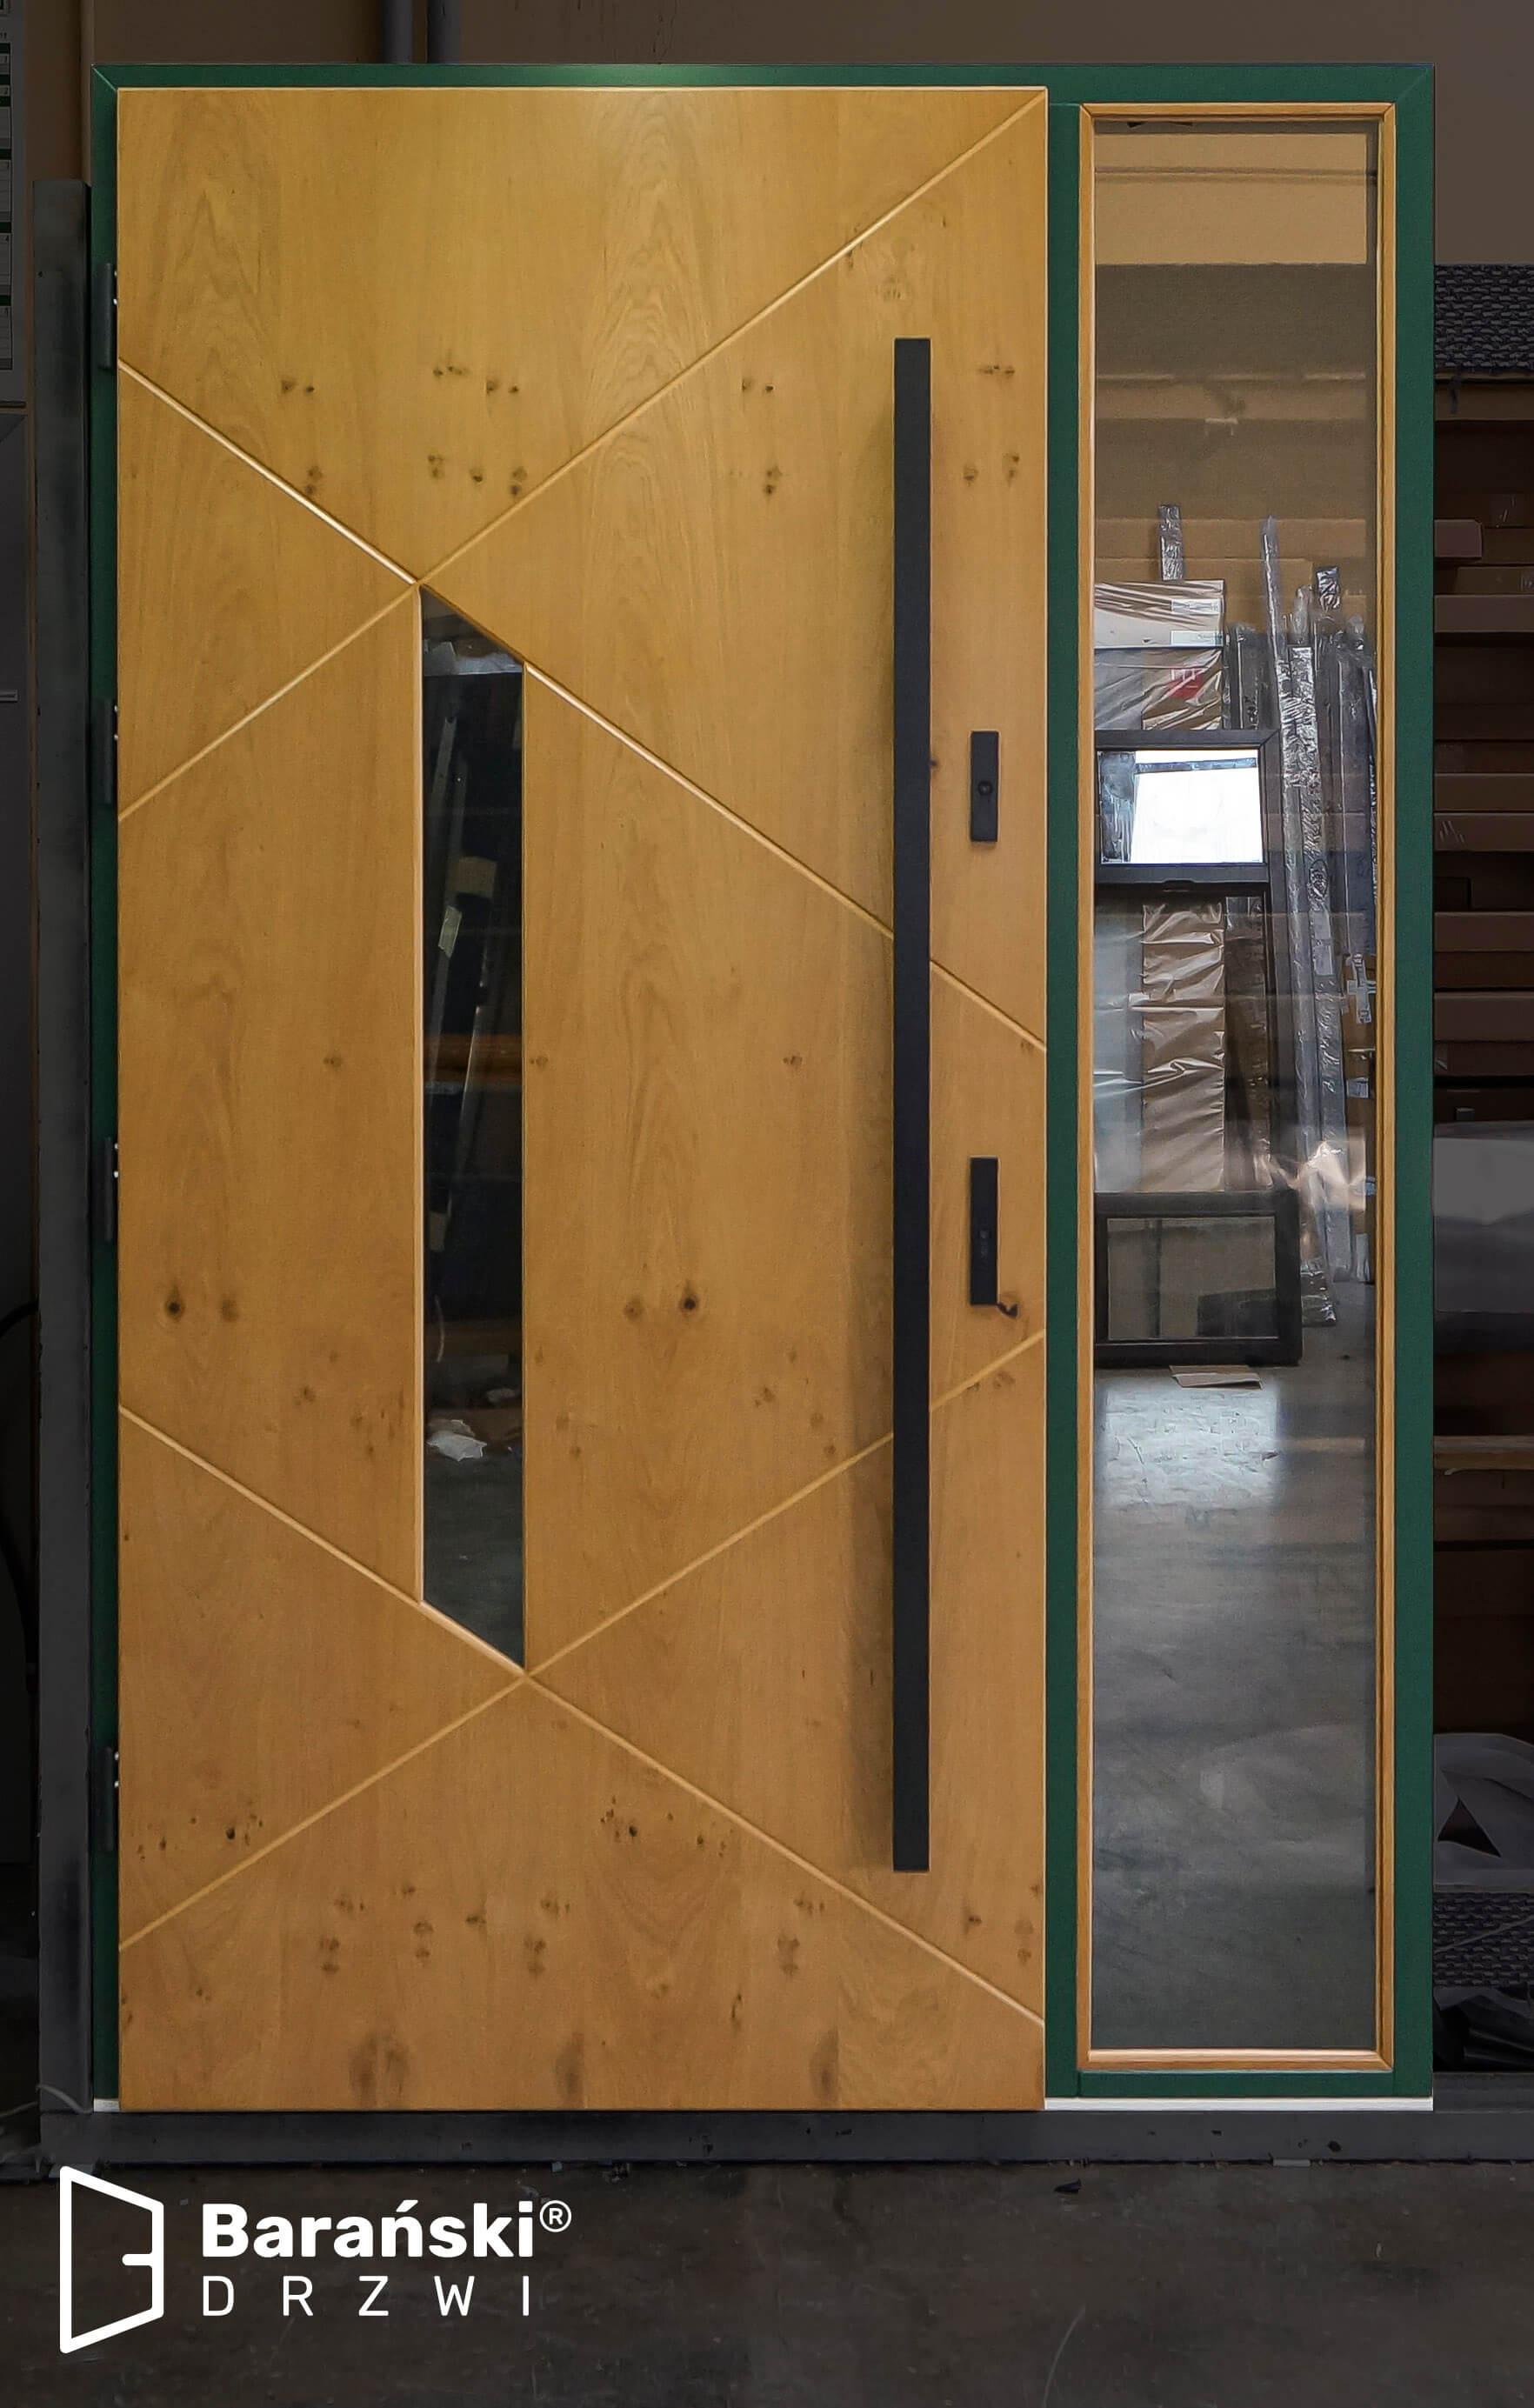 Dom o takich drzwiach drewnianych wyróżni się na tle otoczenia